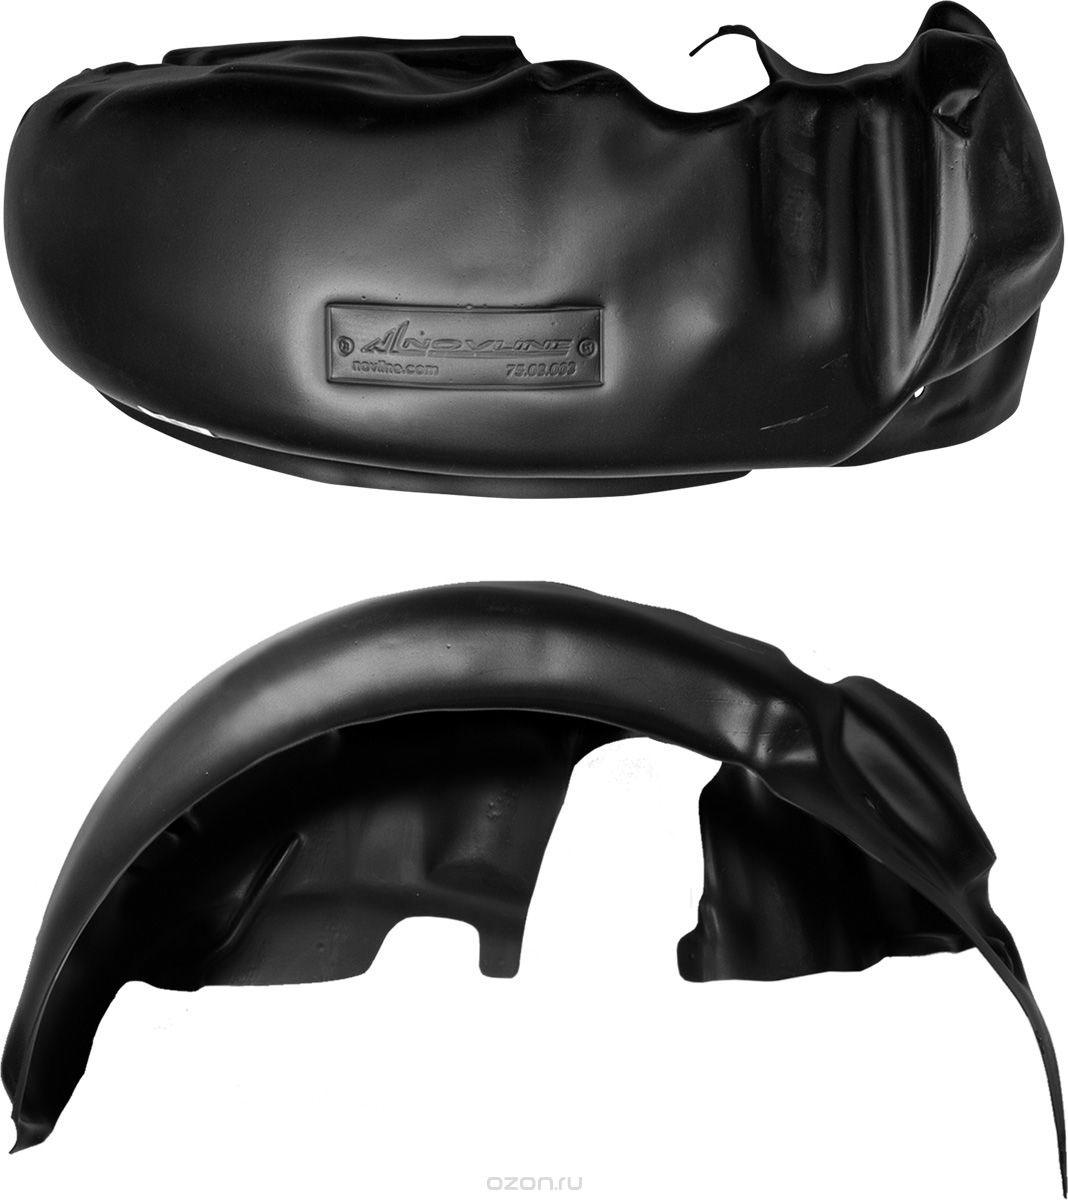 Подкрылок Novline-Autofamily, для GEELY Emgrand X7, 2013->, передний левыйNLL.75.07.001Идеальная защита колесной ниши. Локеры разработаны с применением цифровых технологий, гарантируют максимальную повторяемость поверхности арки. Изделия устанавливаются без нарушения лакокрасочного покрытия автомобиля, каждый подкрылок комплектуется крепежом. Уважаемые клиенты, обращаем ваше внимание, что фотографии на подкрылки универсальные и не отражают реальную форму изделия. При этом само изделие идет точно под размер указанного автомобиля.